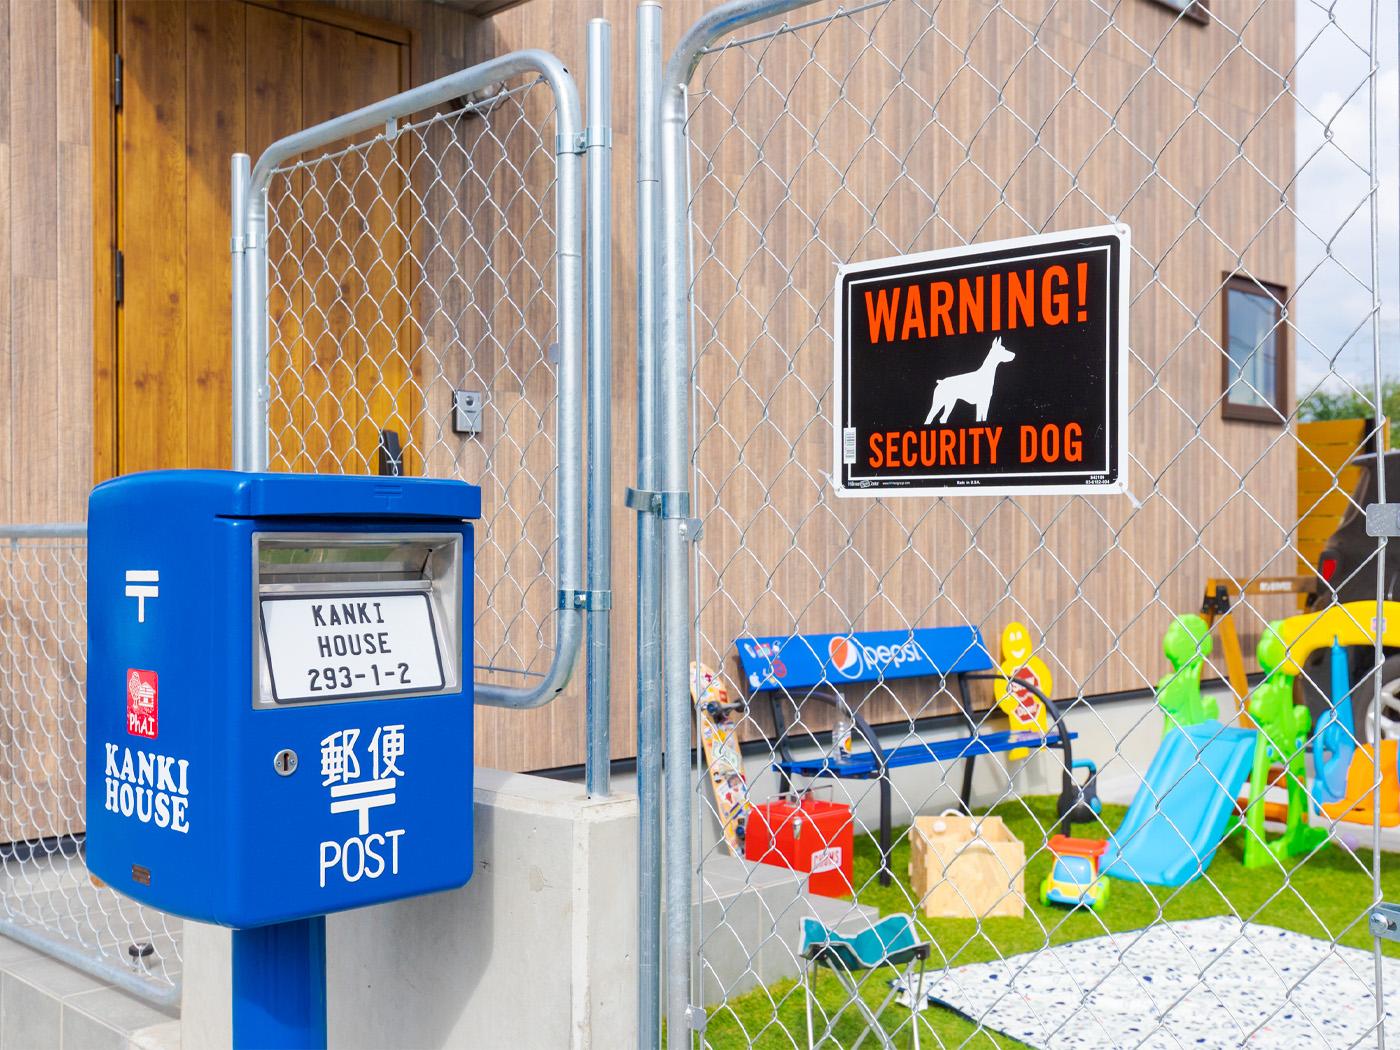 アメリカンフェンスに合わせ、郵便ポストもアメリカ仕込みのブルーに塗装。